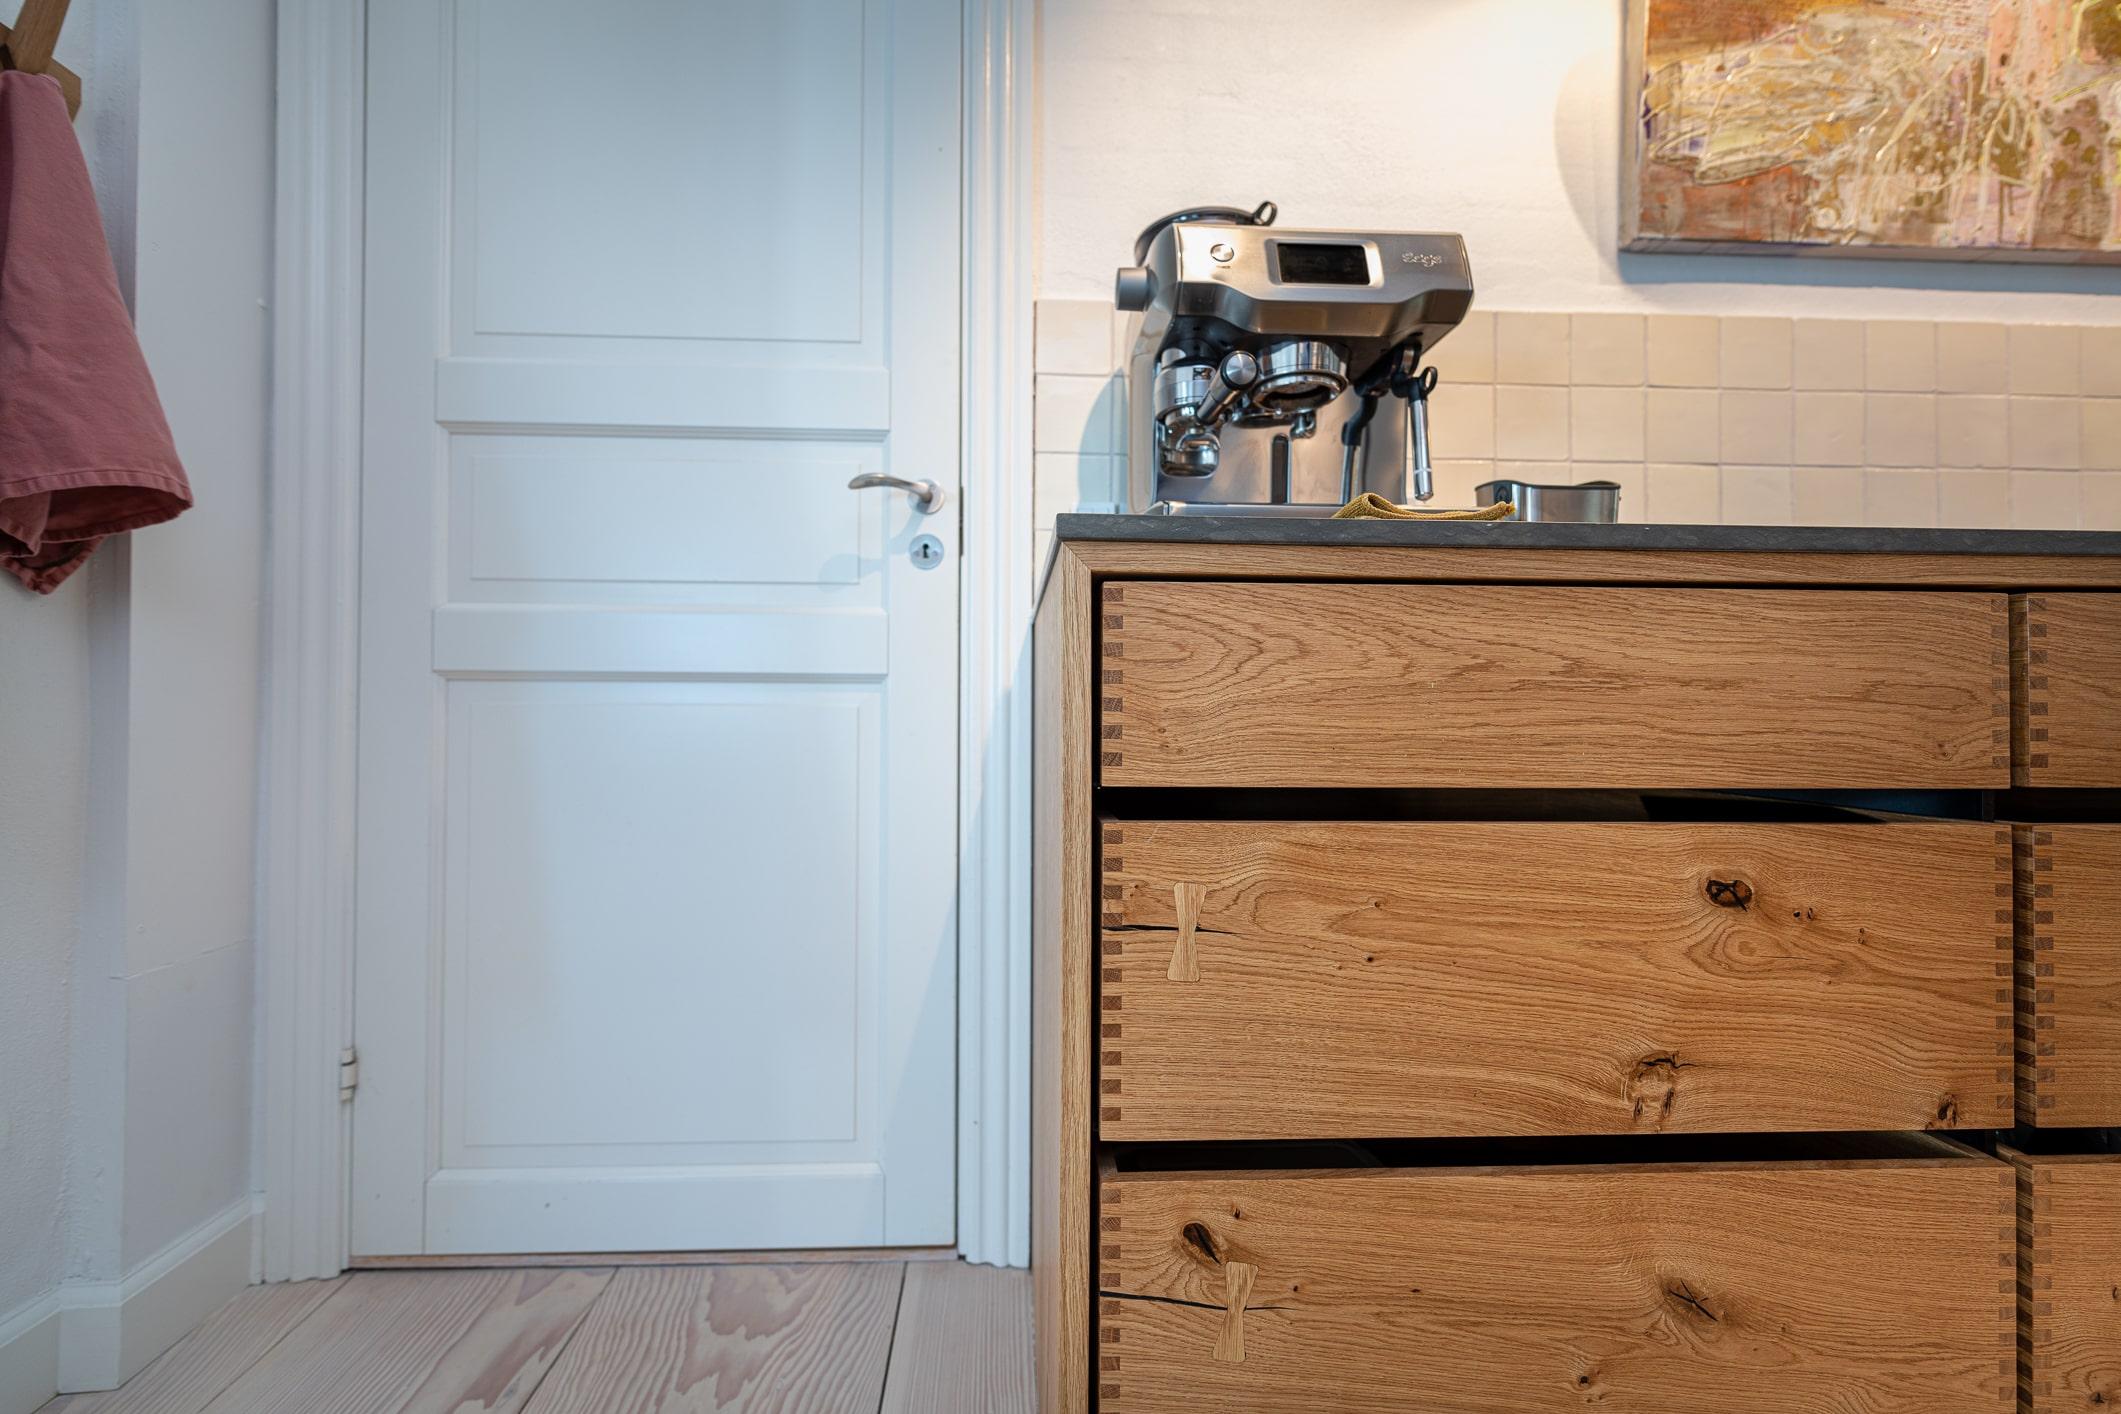 kaffemaskine snedkerkøkken